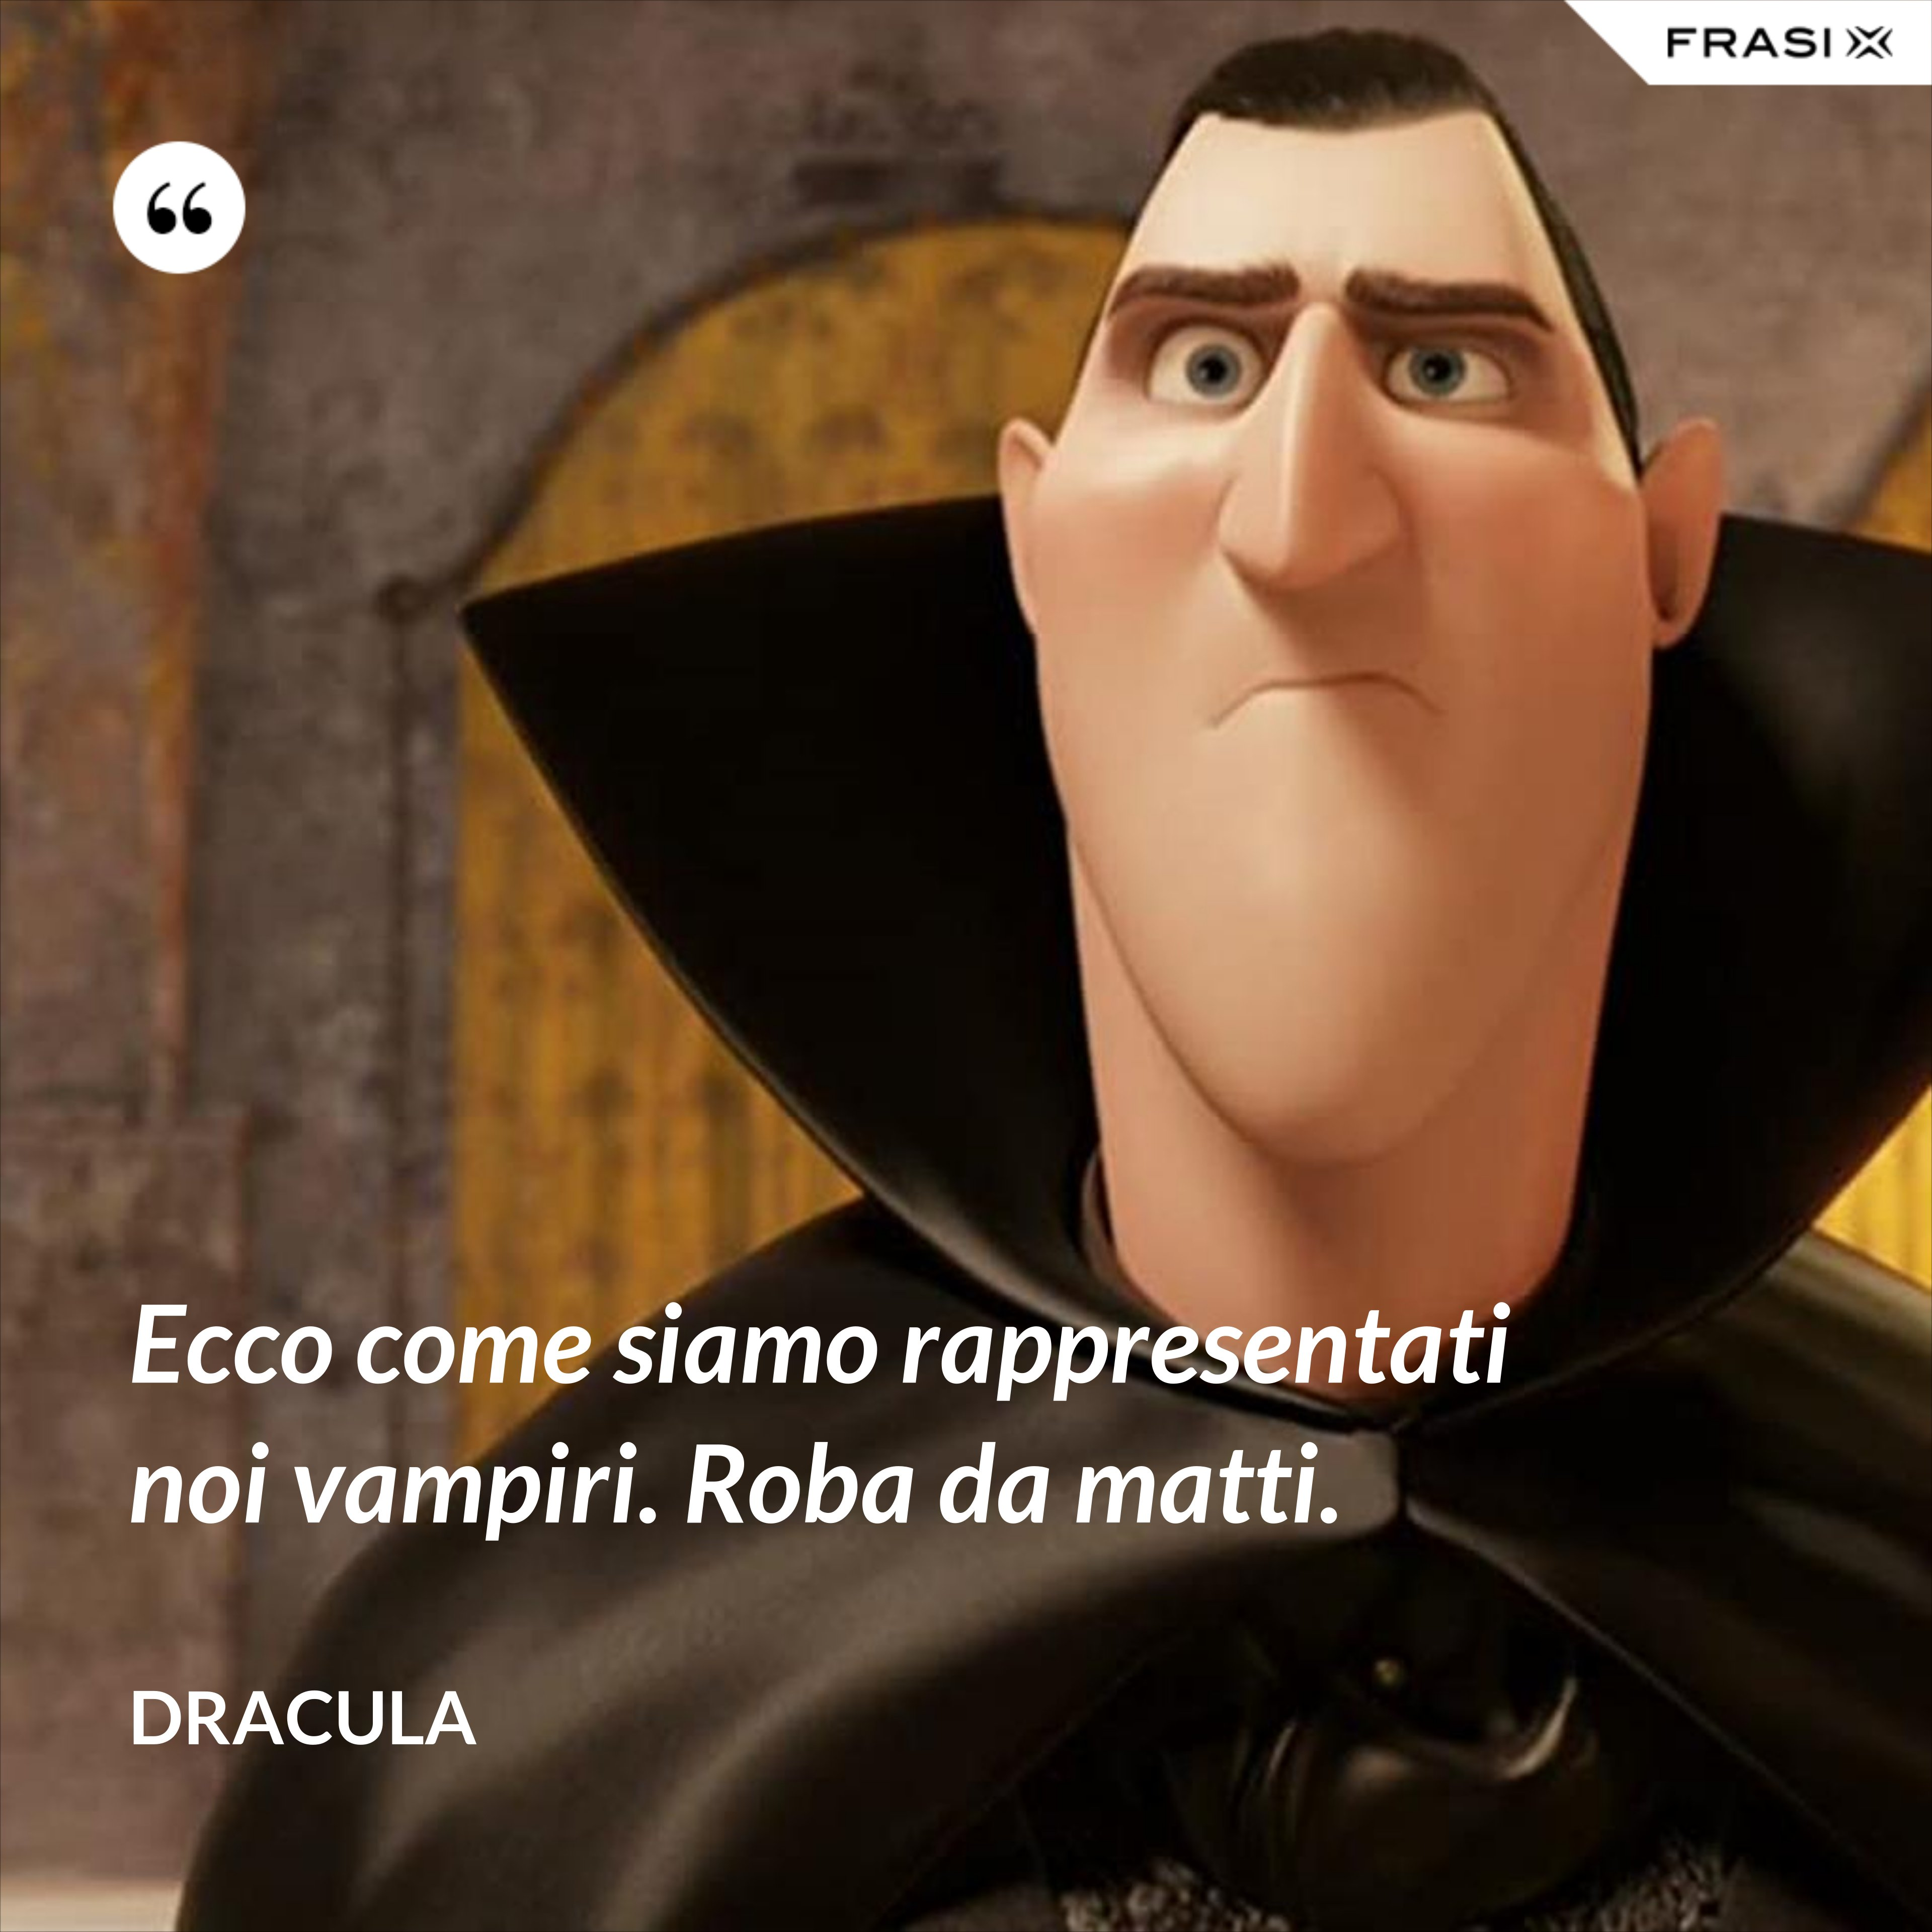 Ecco come siamo rappresentati noi vampiri. Roba da matti. - Dracula